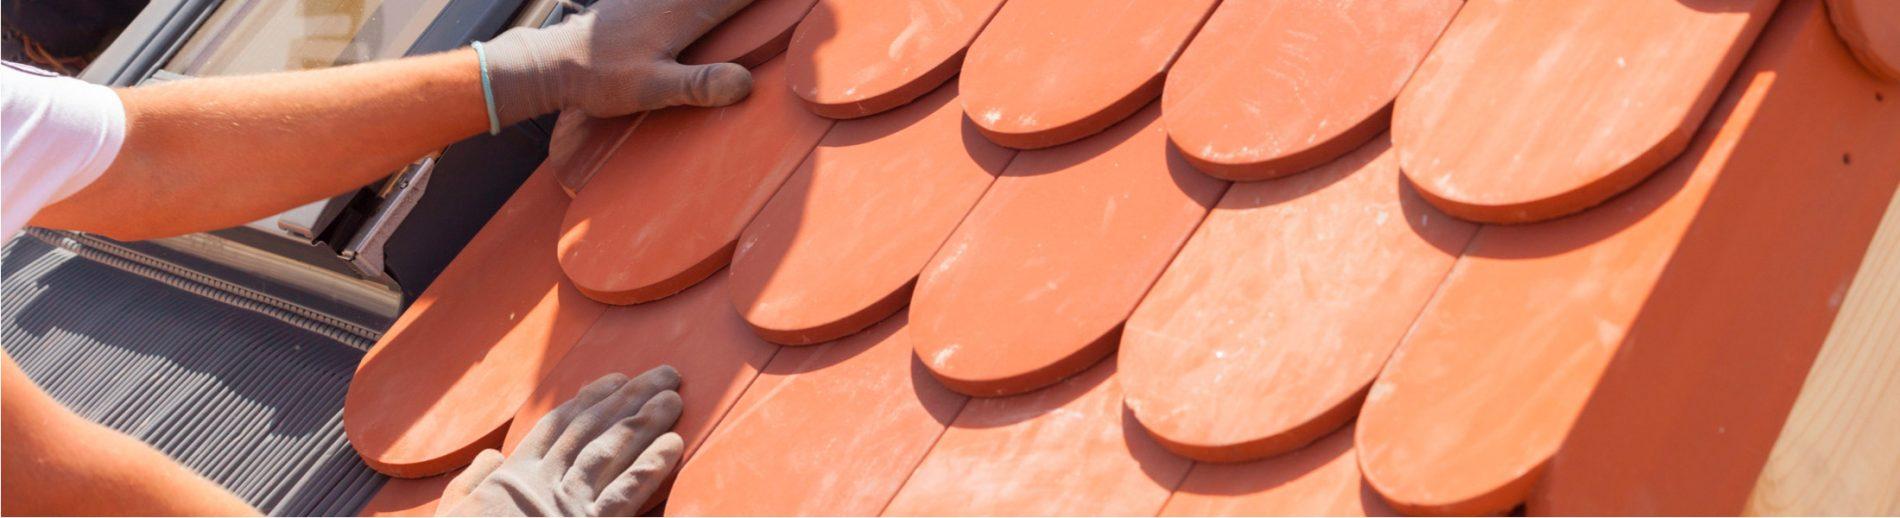 Nettoyage de printemps : il est temps d'entretenir sa toiture !